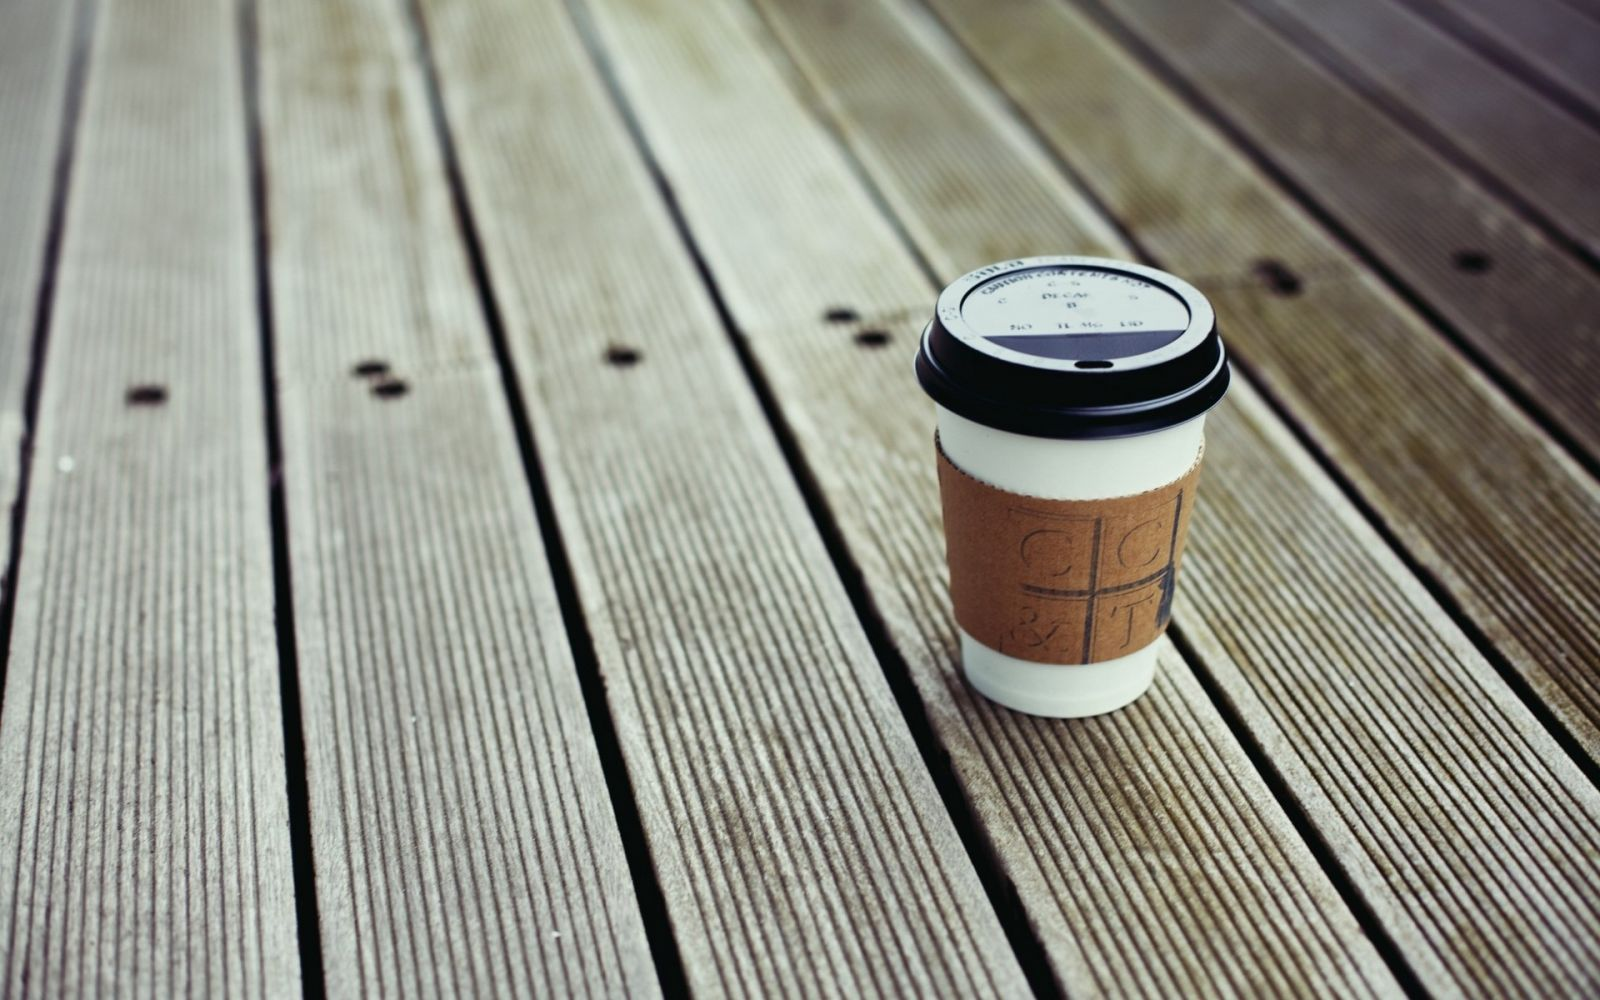 шапке кофе с собой фото высокого качества поражает липу